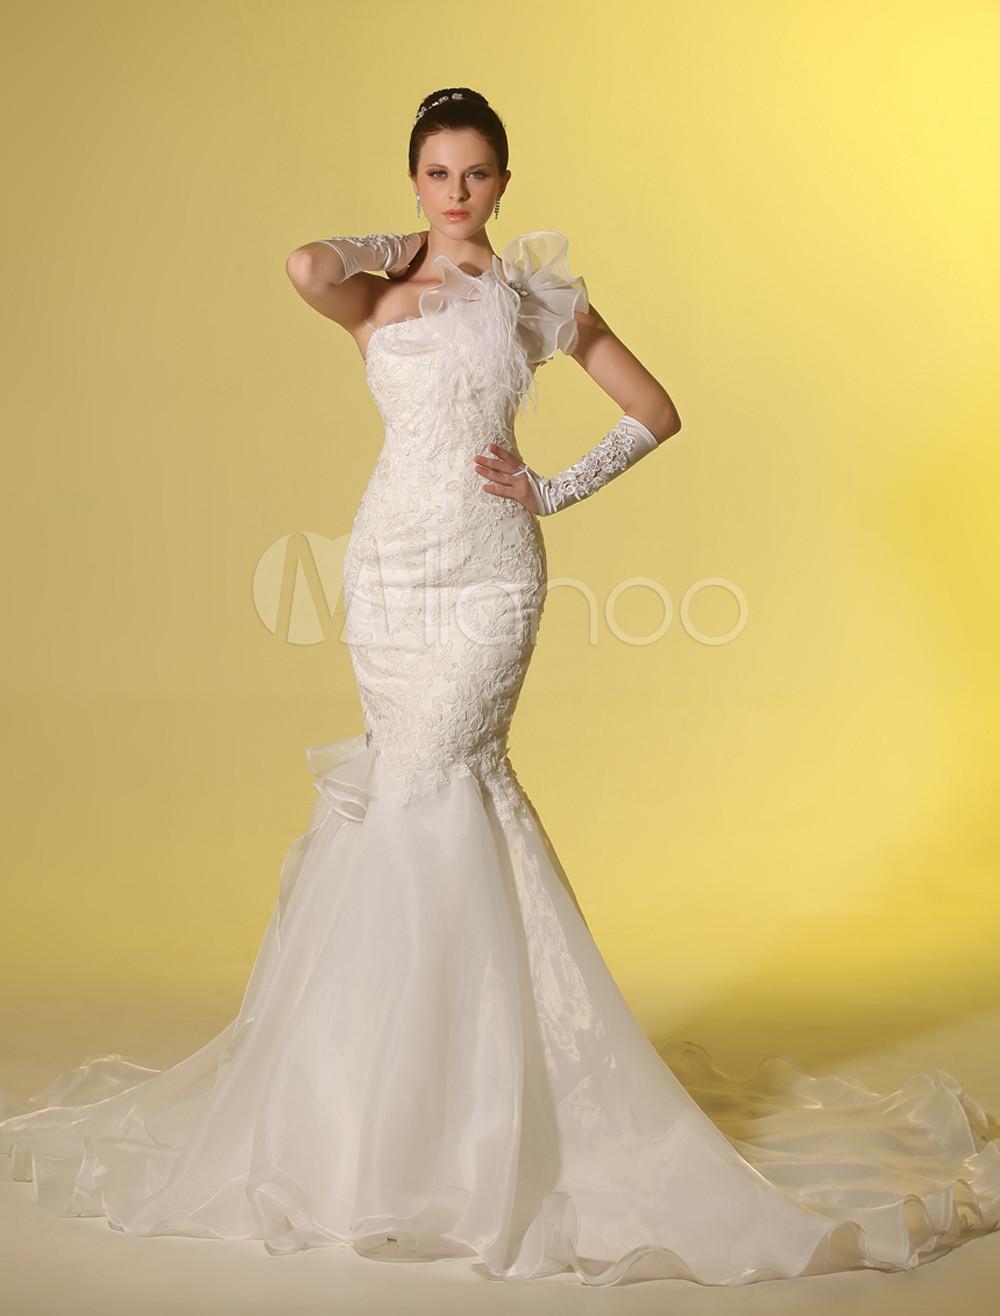 Sweep Ivory One Shoulder Mermaid Brides Wedding Dress